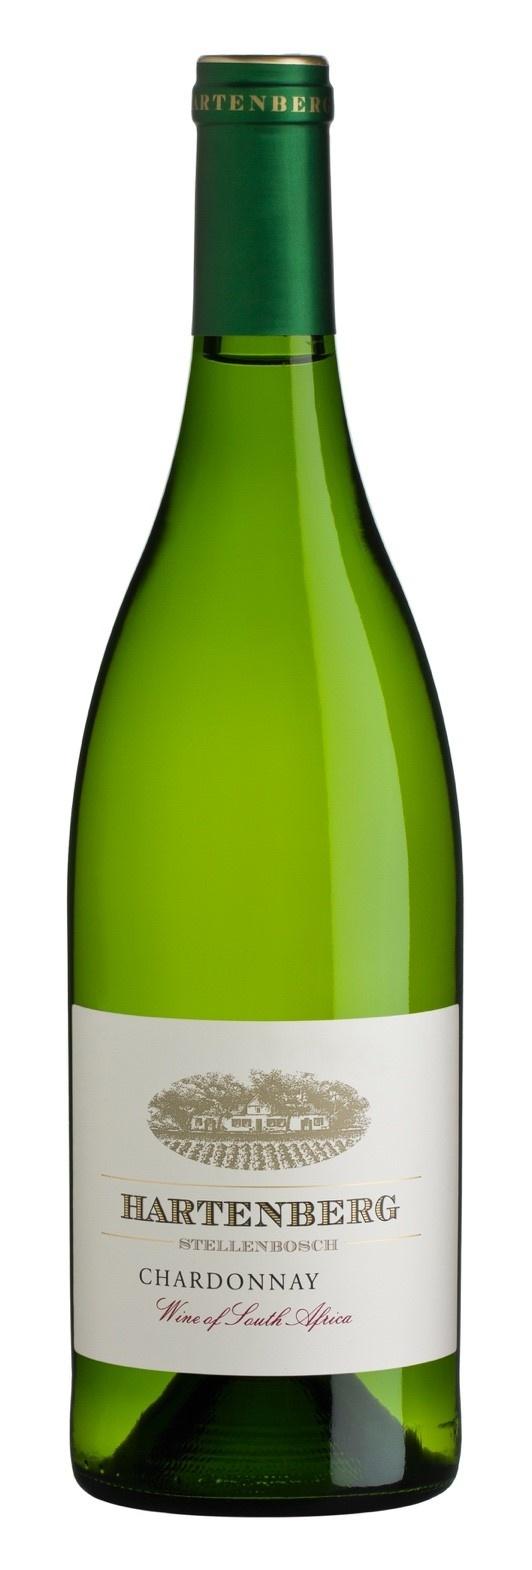 Hartenberg Chardonnay, 2018, Stellenbosch, Zuid-Afrika, Witte wijn